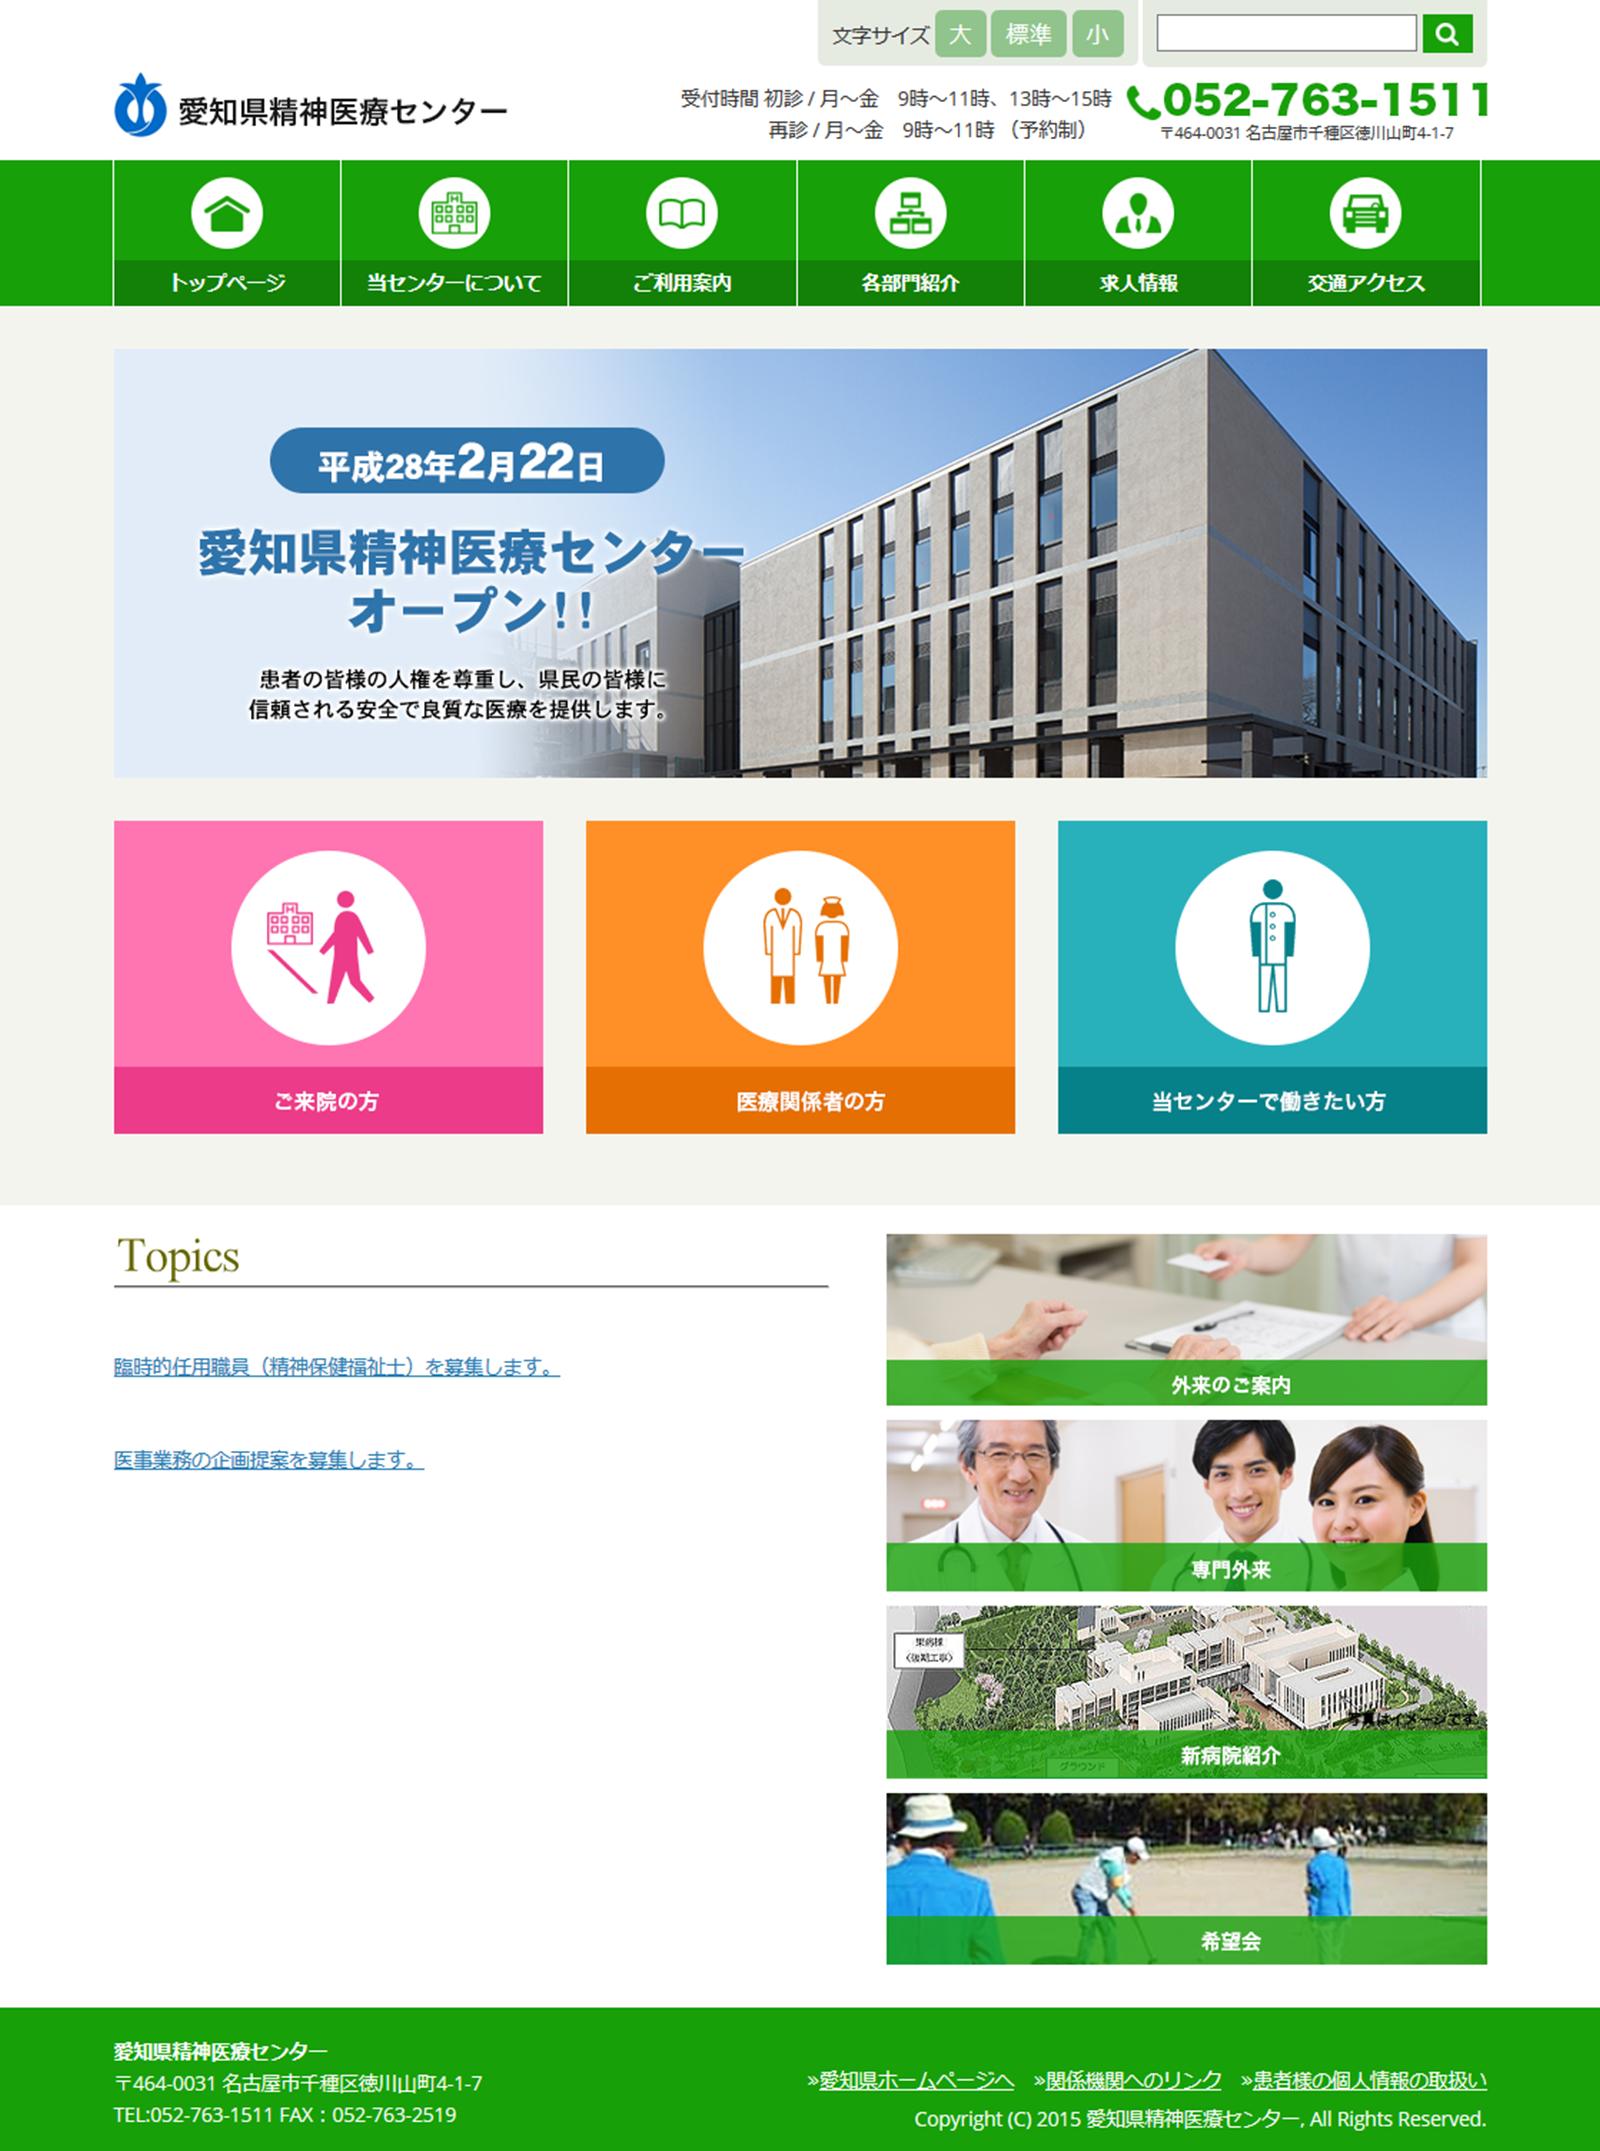 愛知精神医療センター